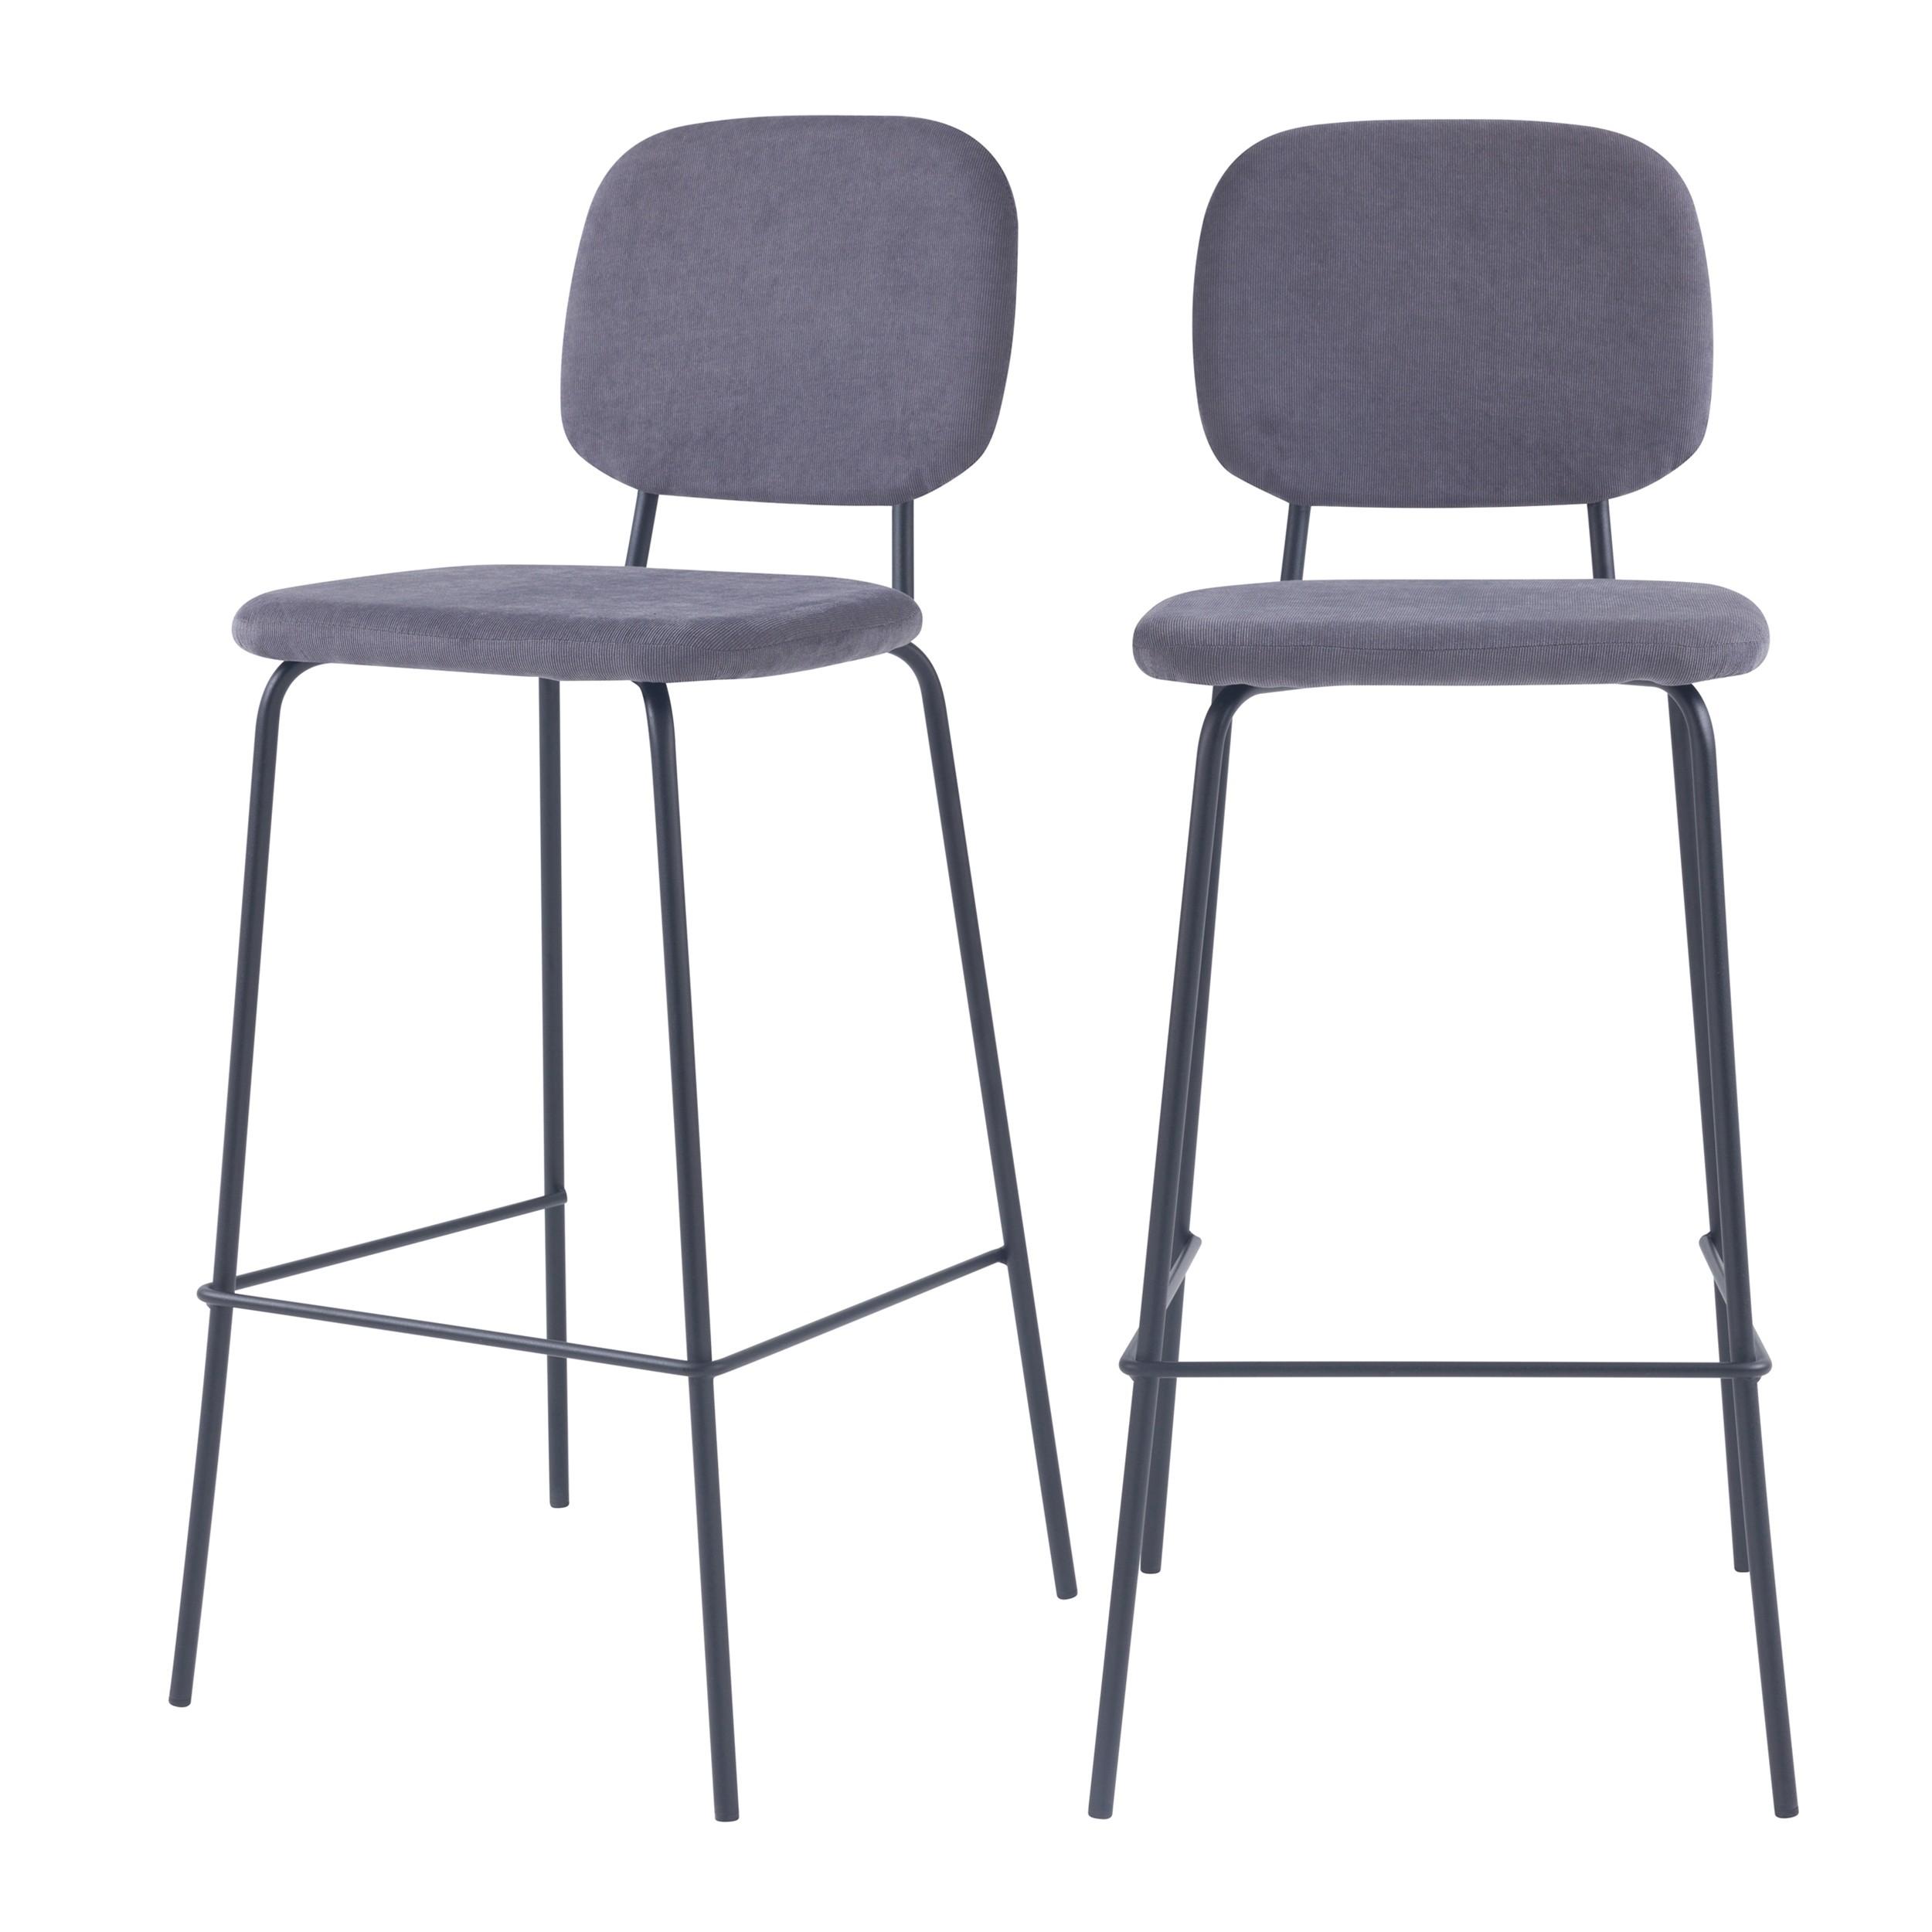 acheter chaise de bar en velours cotele gris